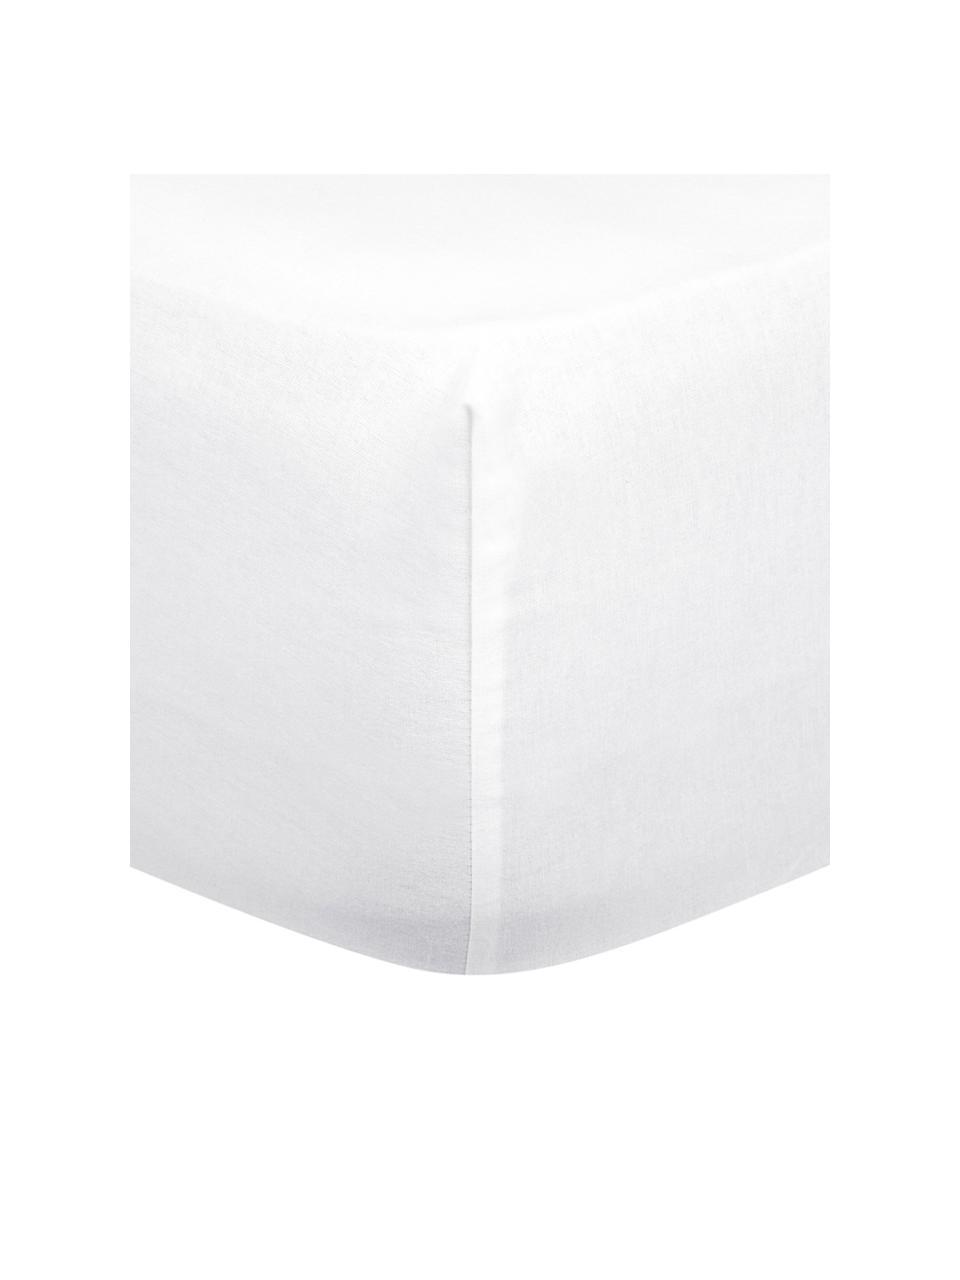 Flanell-Spannbettlaken Biba in Weiß, Webart: Flanell, Weiß, 180 x 200 cm